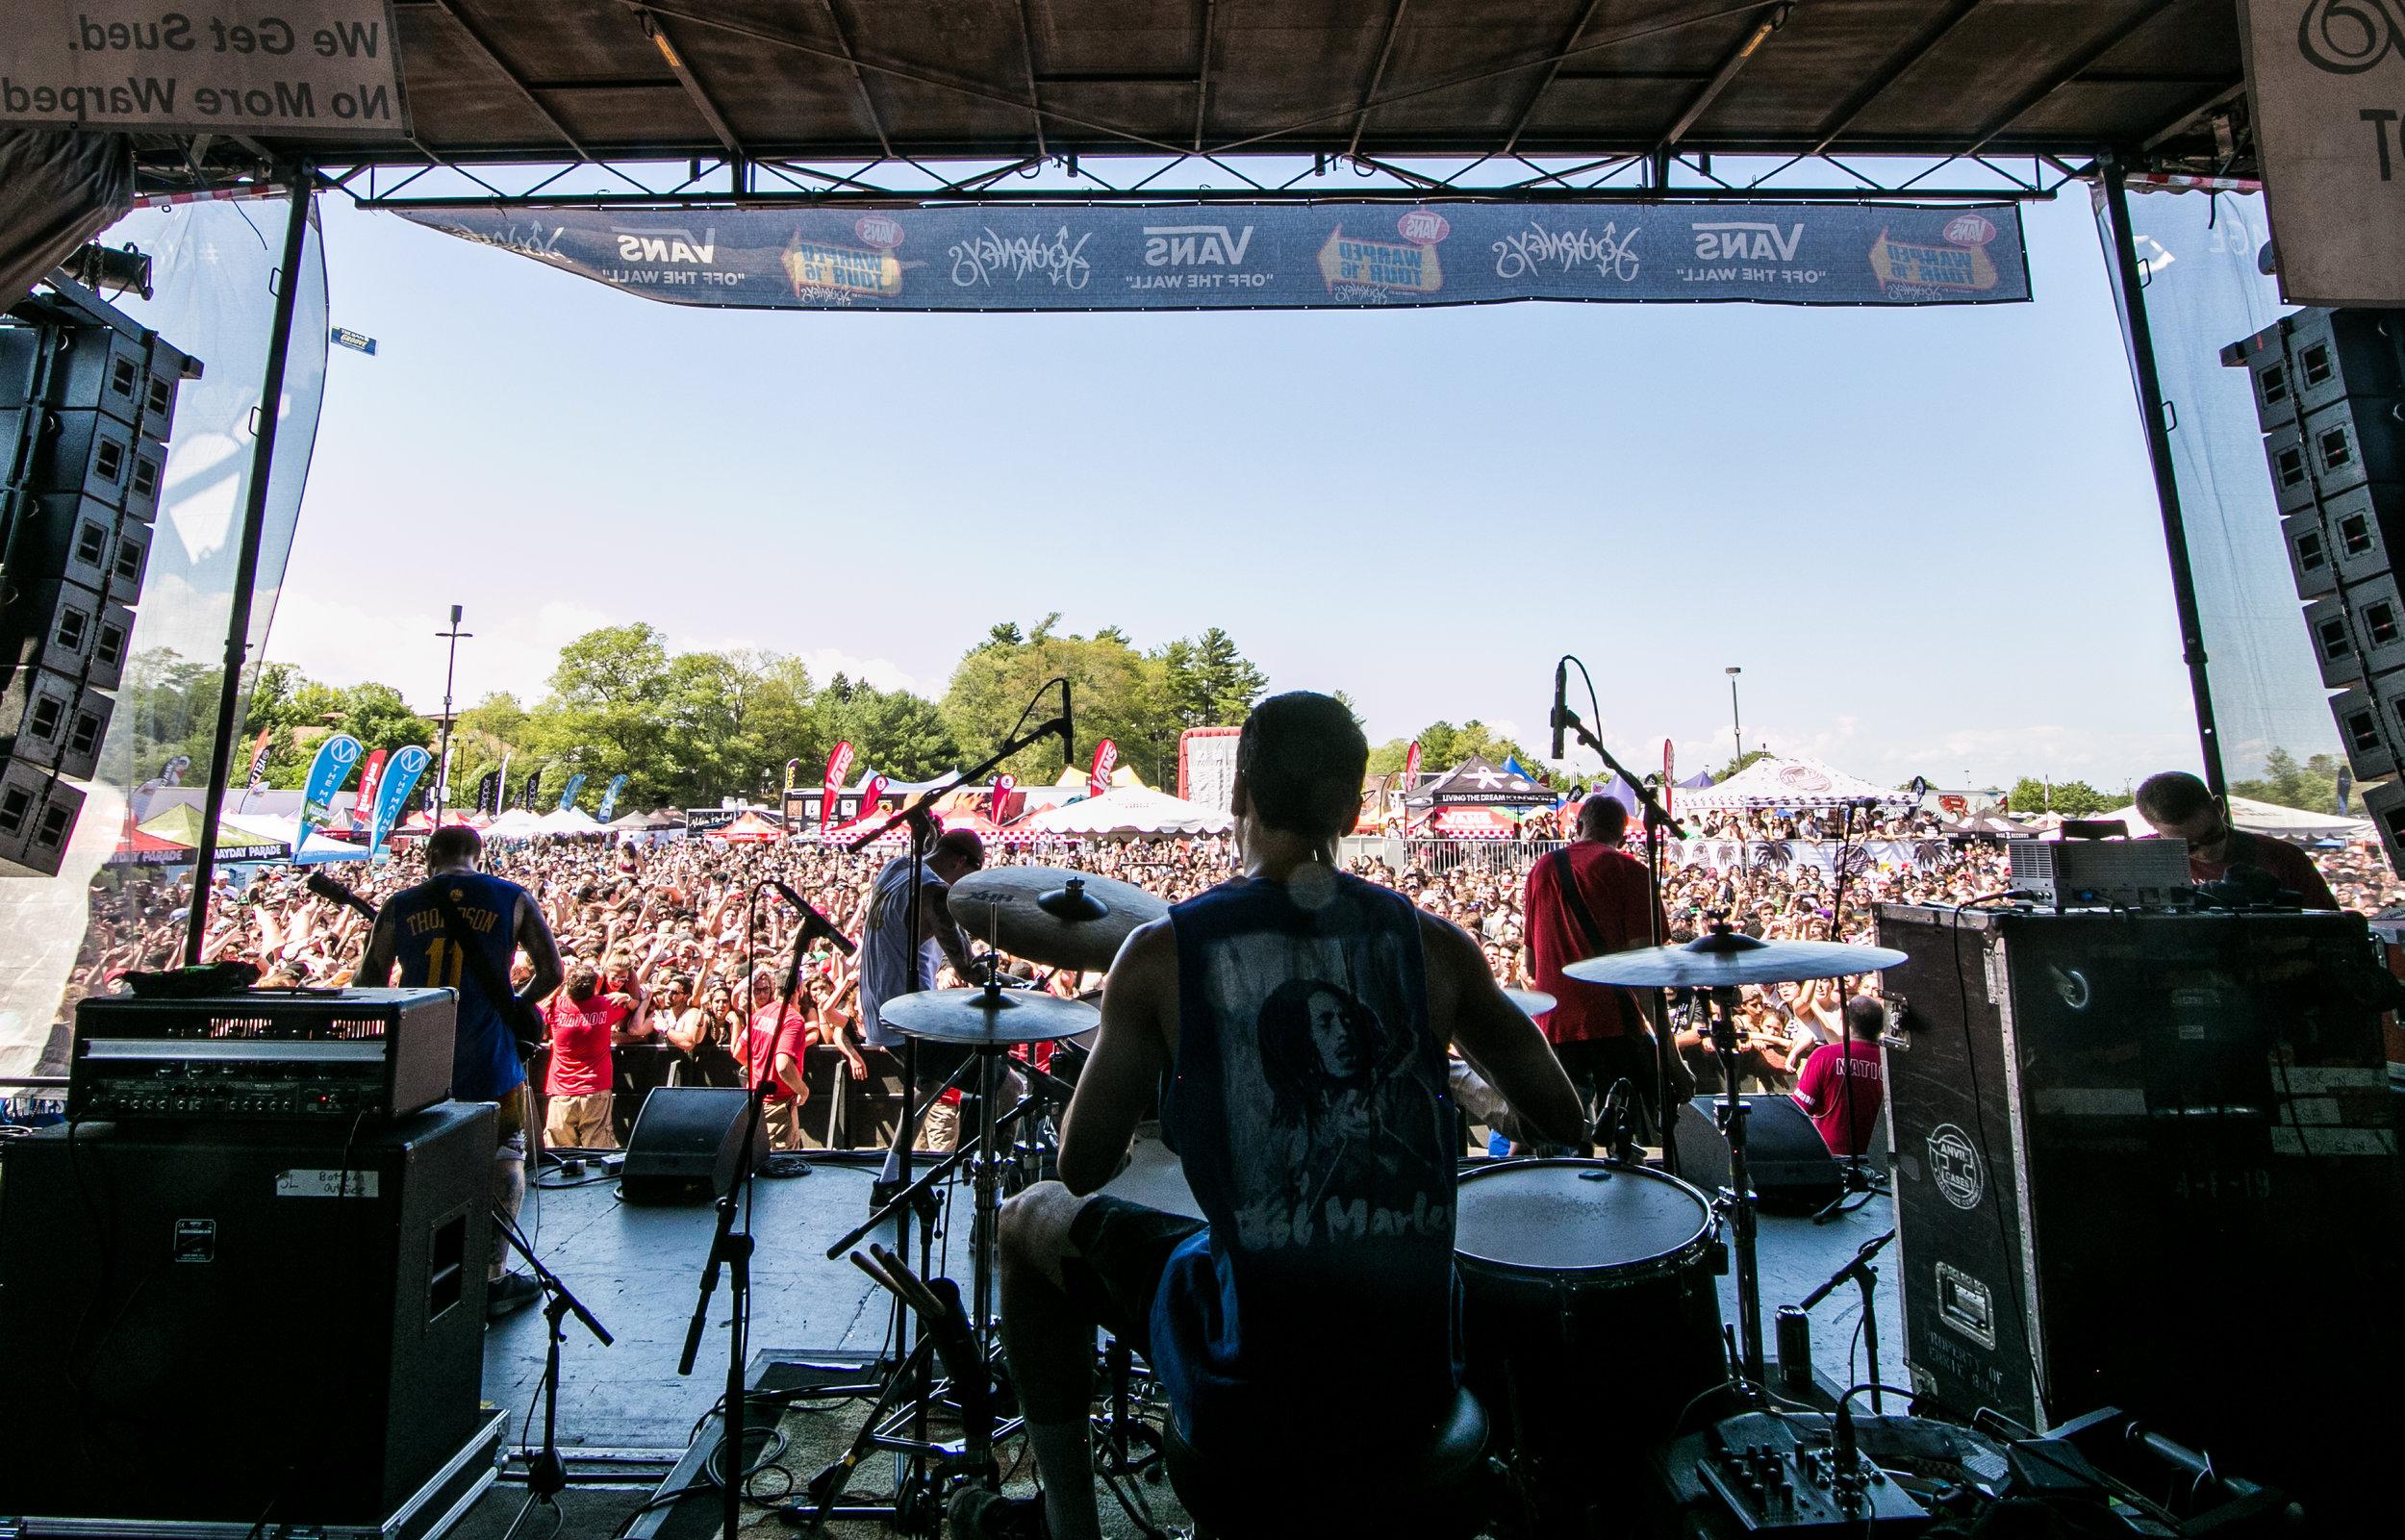 Vans Warped Tour - Mike Schwarz - Boston-8.jpg